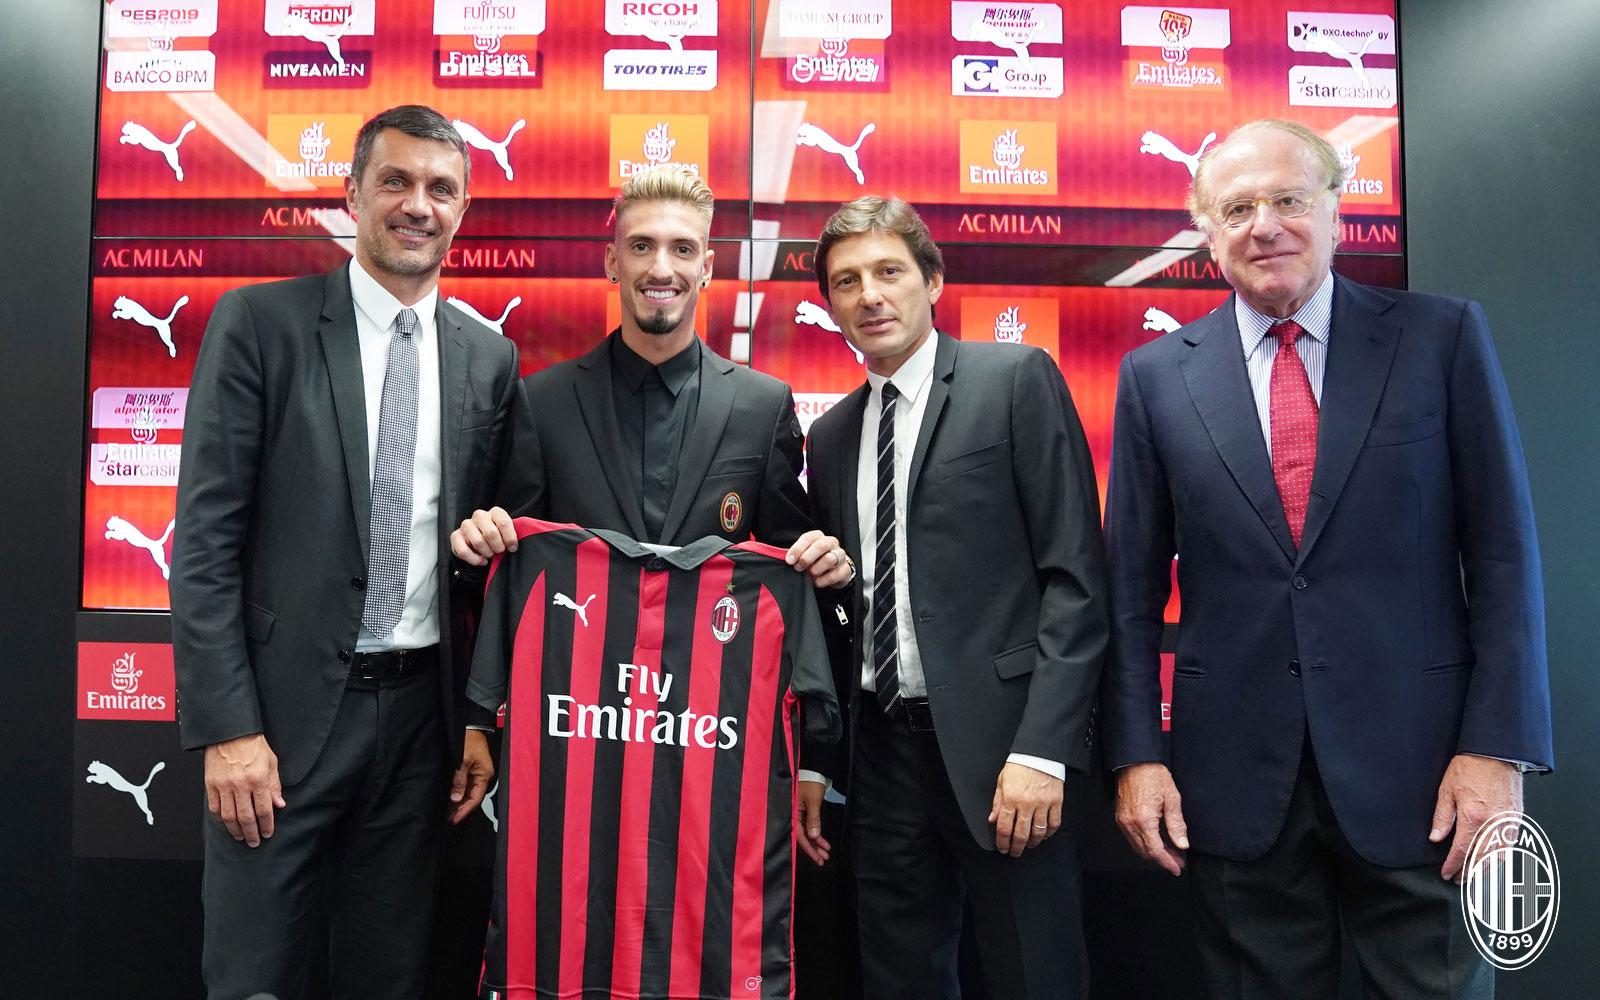 Paolo Maldini, Samu Castillejo, Leonardo and Paolo Scaroni during Castillejo's presentation at Casa Milan on August 17, 2018. (@acmilan.com)